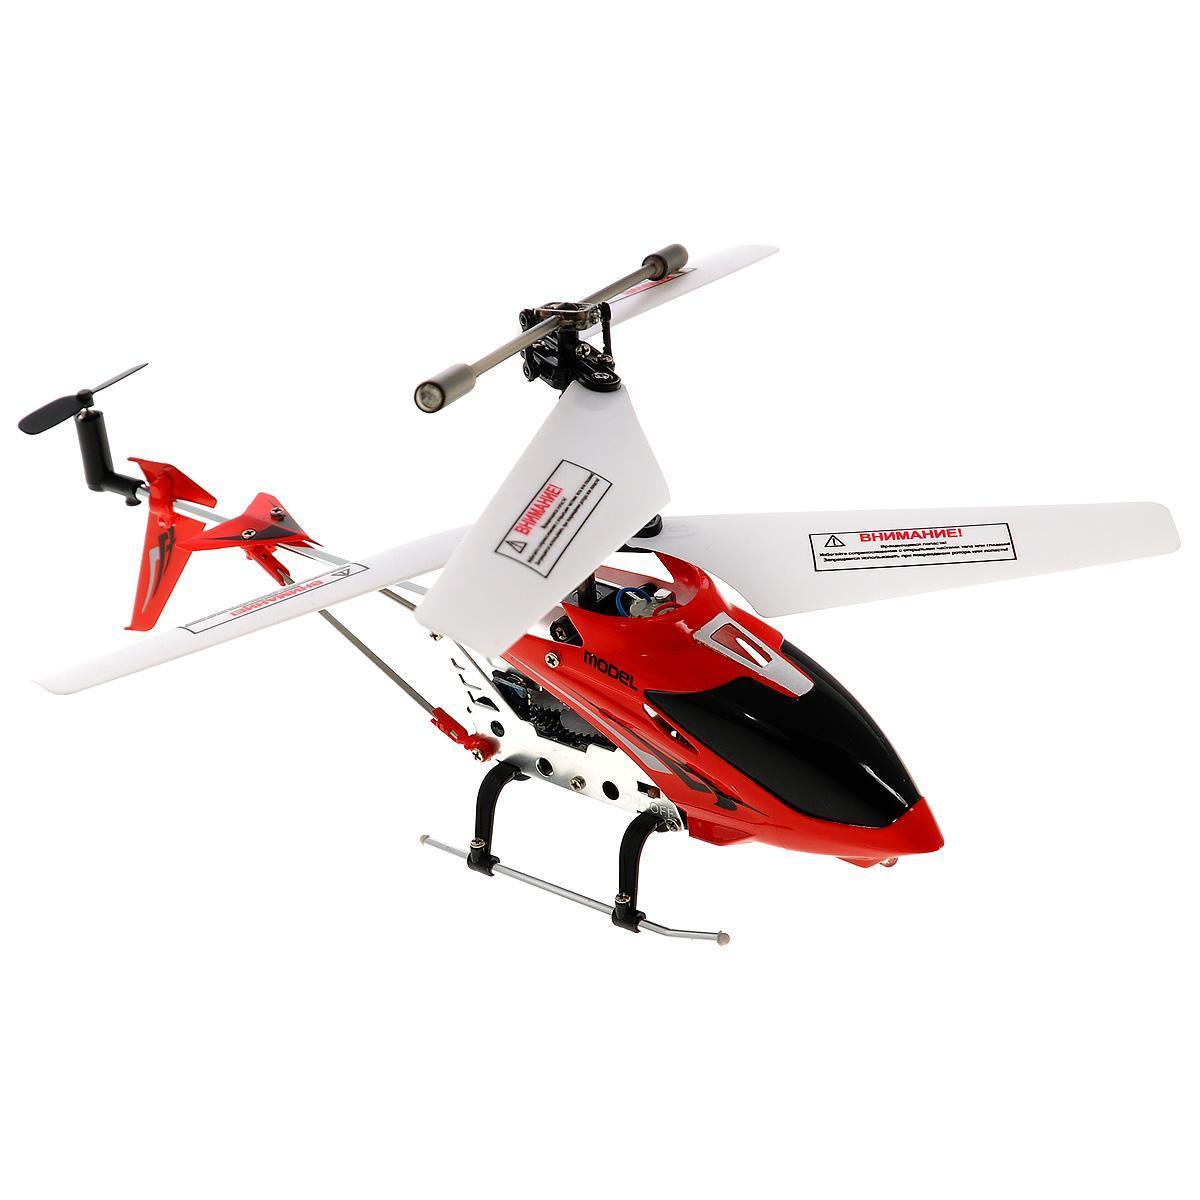 Вертолет на инфракрасном управлении BALBI IRH-022-A, с гироскопом, со световыми эффектами, цвет: красныйIRH-022-A